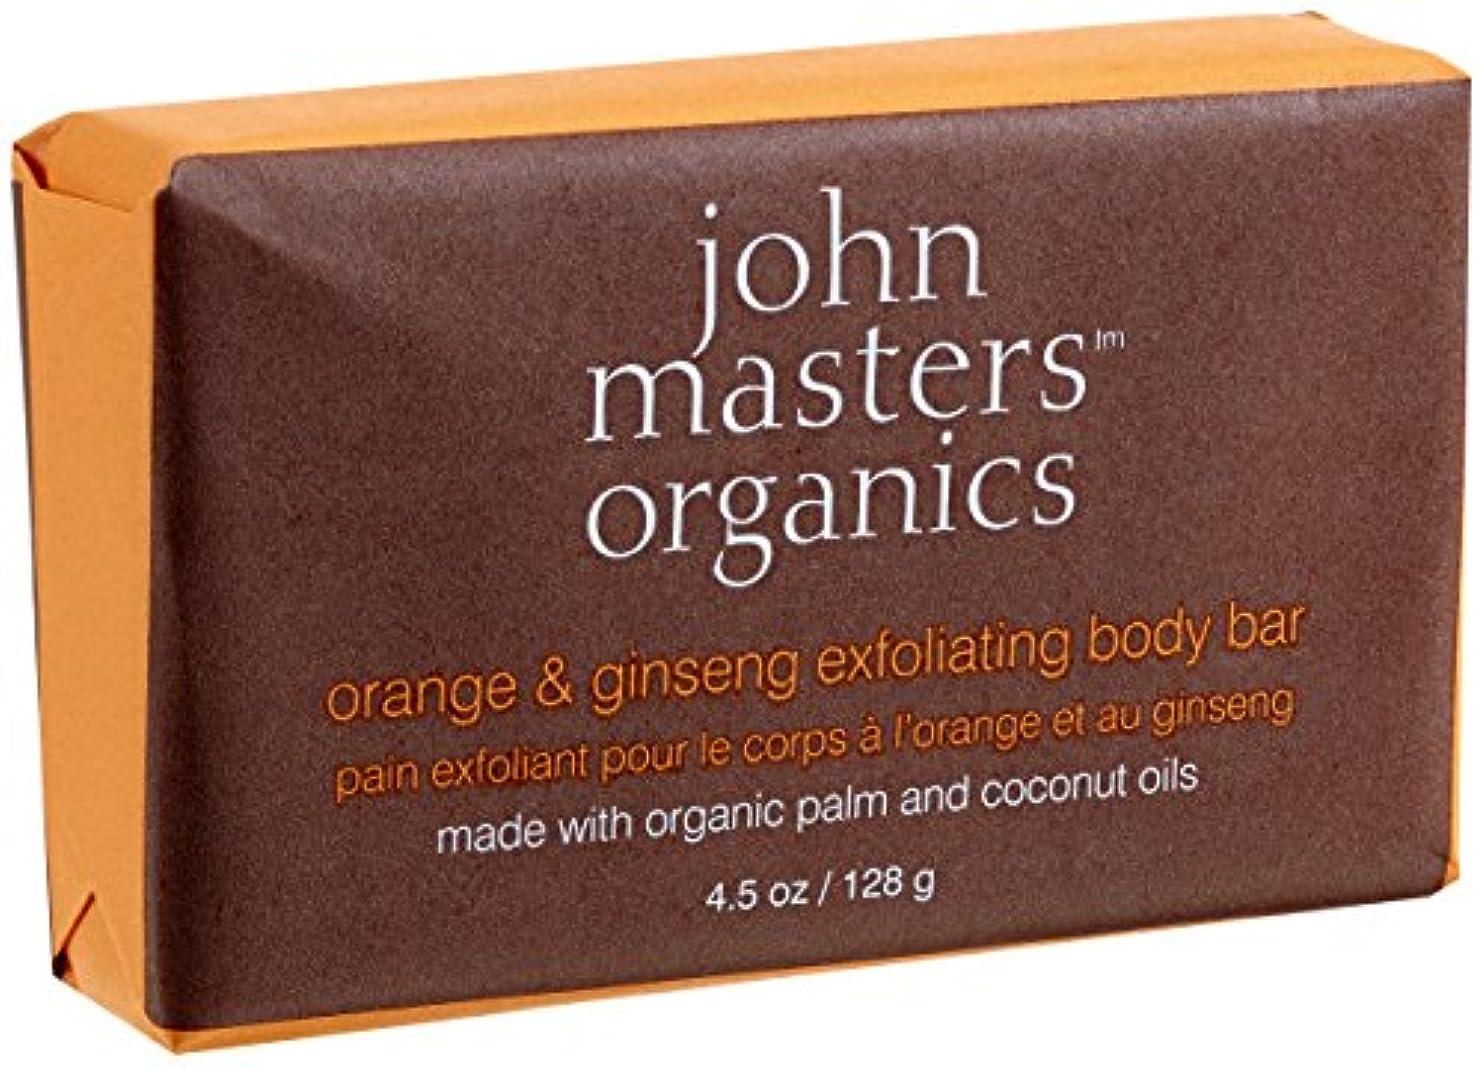 ギネス深い方程式ジョンマスターオーガニック オレンジ&ジンセンエクスフォリエイティングボディソープ 128g